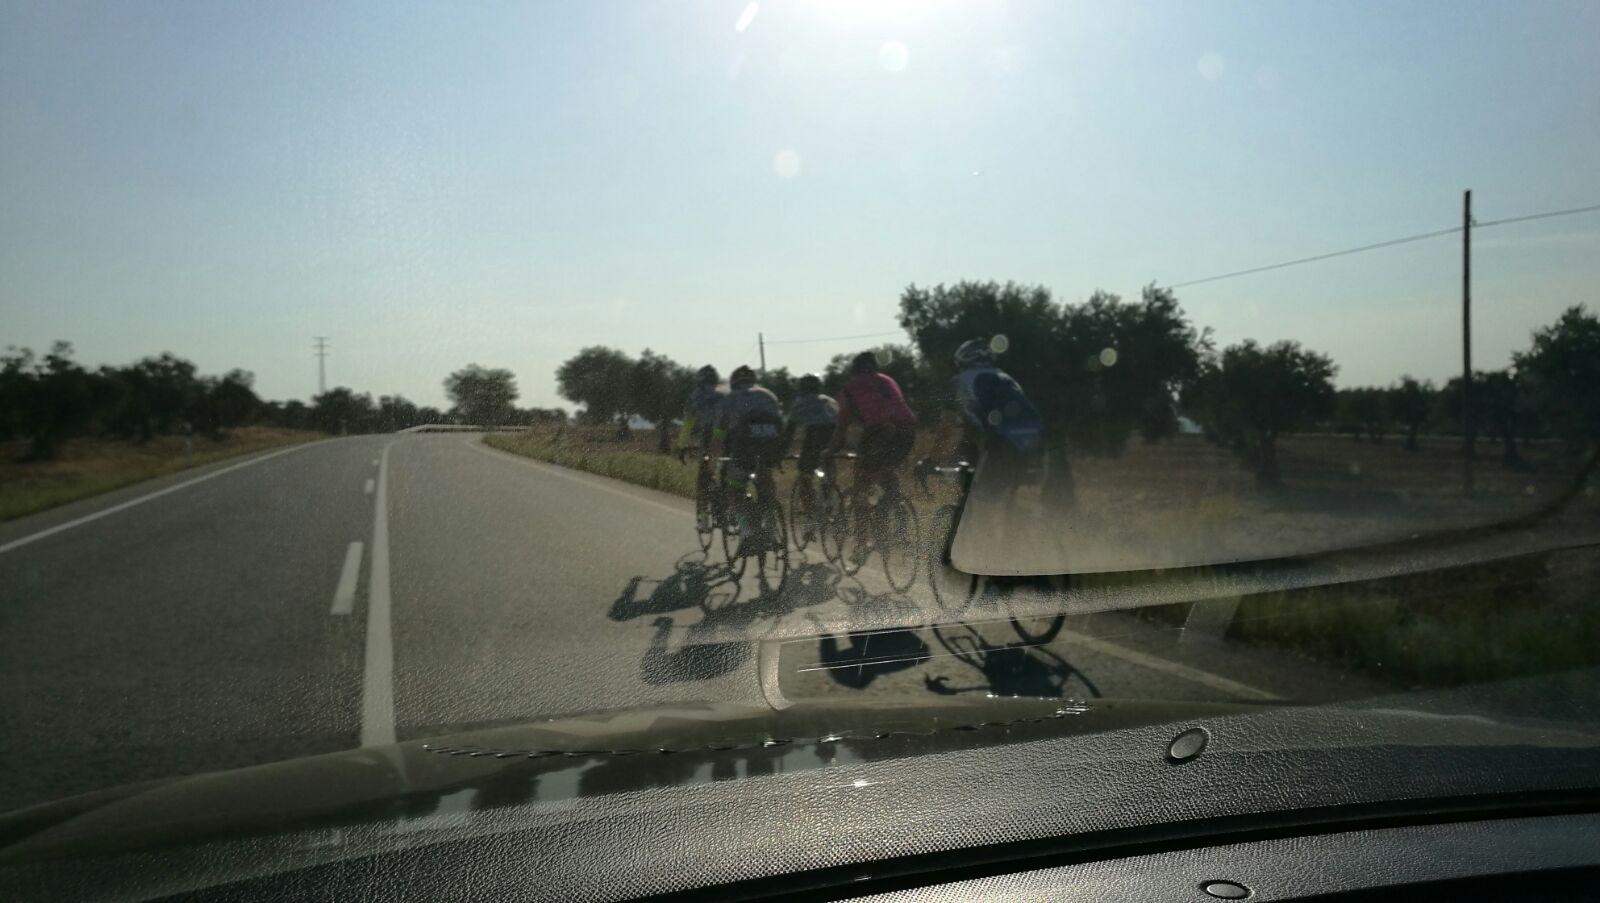 Grupeta_BM_Salida_La nueva_04_Biciletas Mañas BM-Tienda-de-venta-y-reparacion-de-bicicletas-Ridley-Madrid